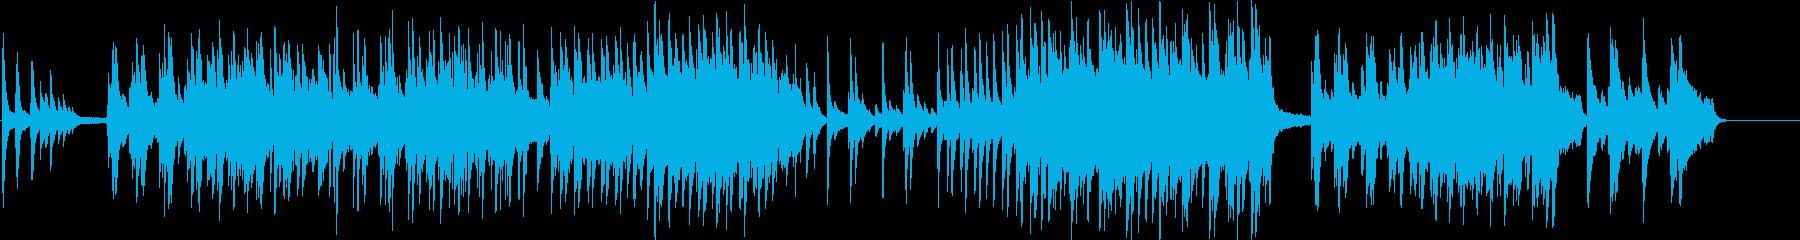 清々しいピアノ曲の再生済みの波形